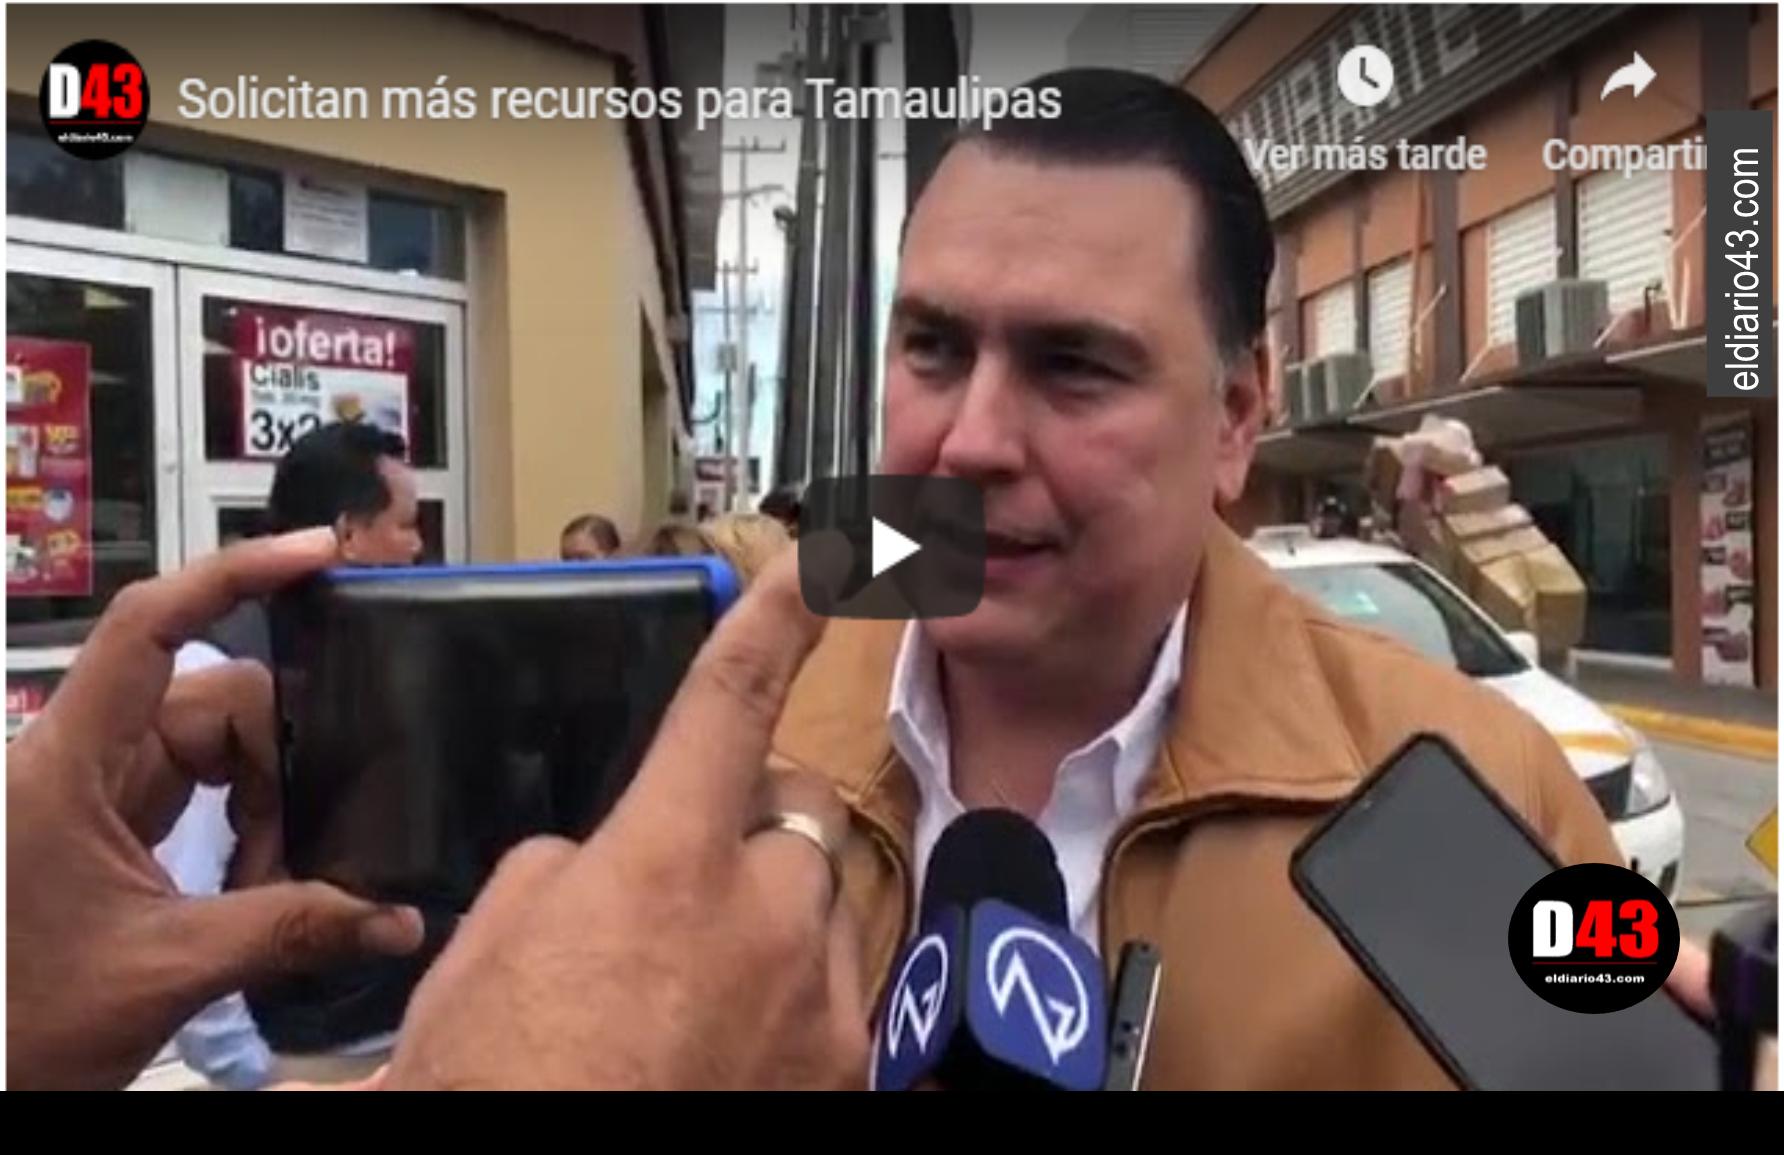 Solicitan más recursos para Tamaulipas